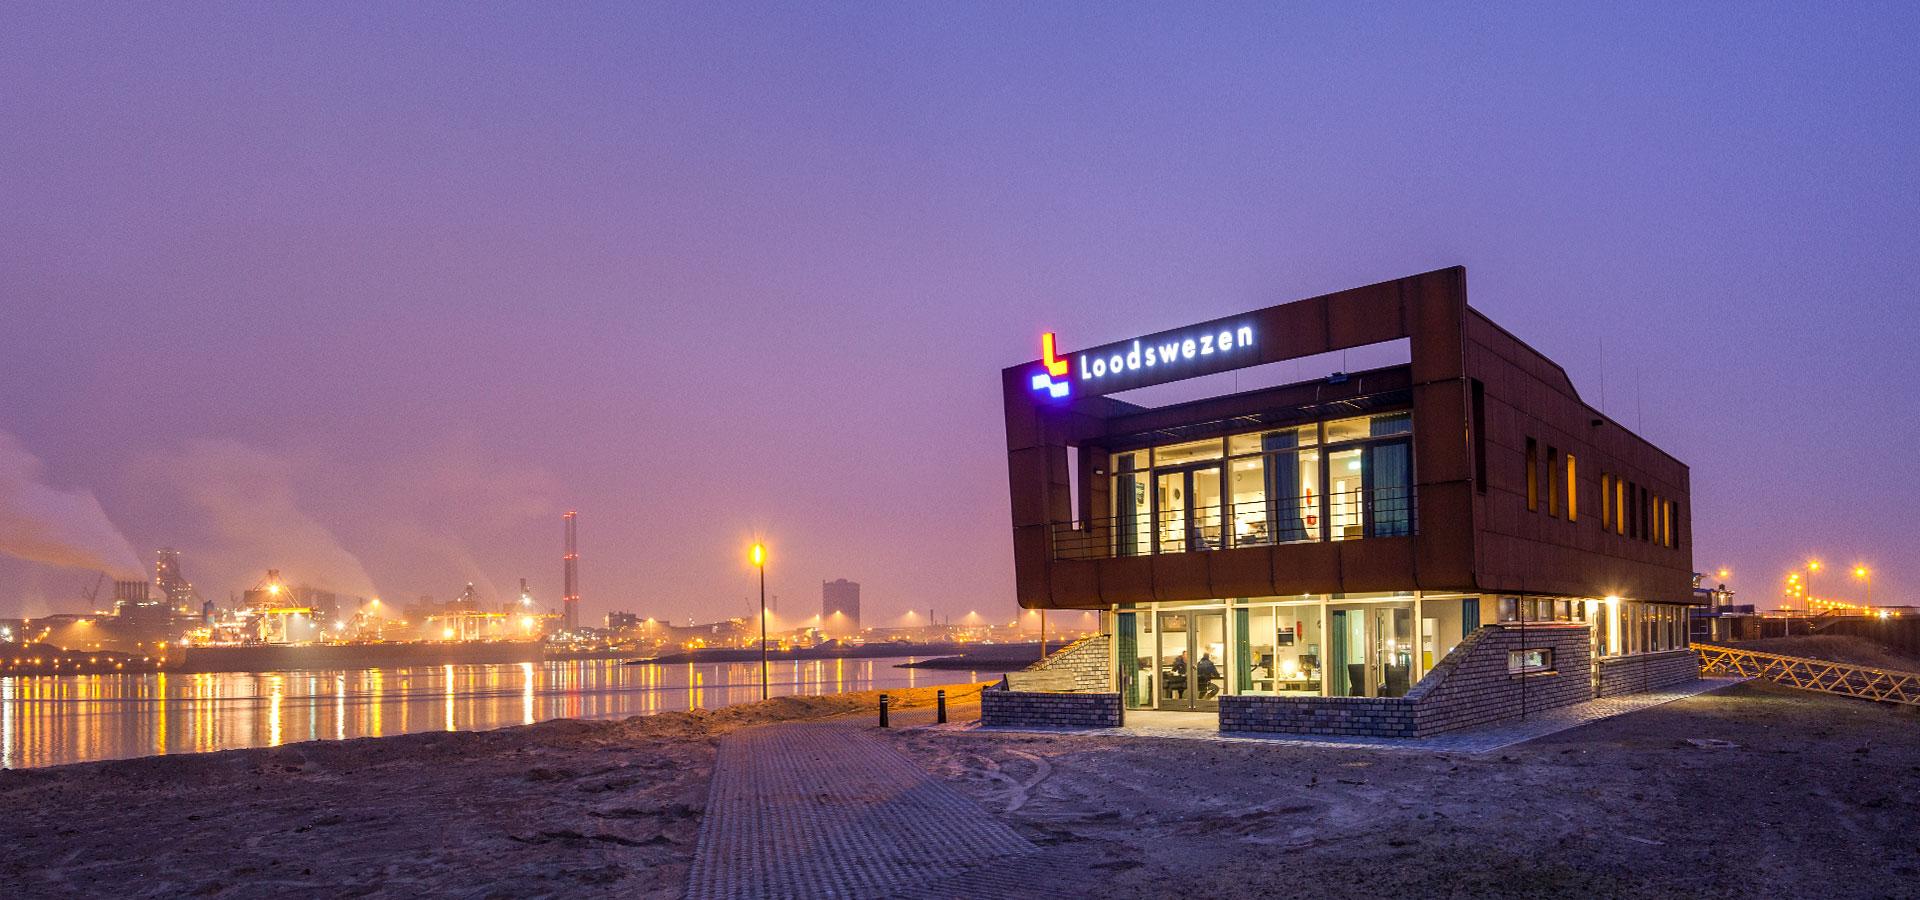 FARO architecten Loodswezen IJmuiden 04